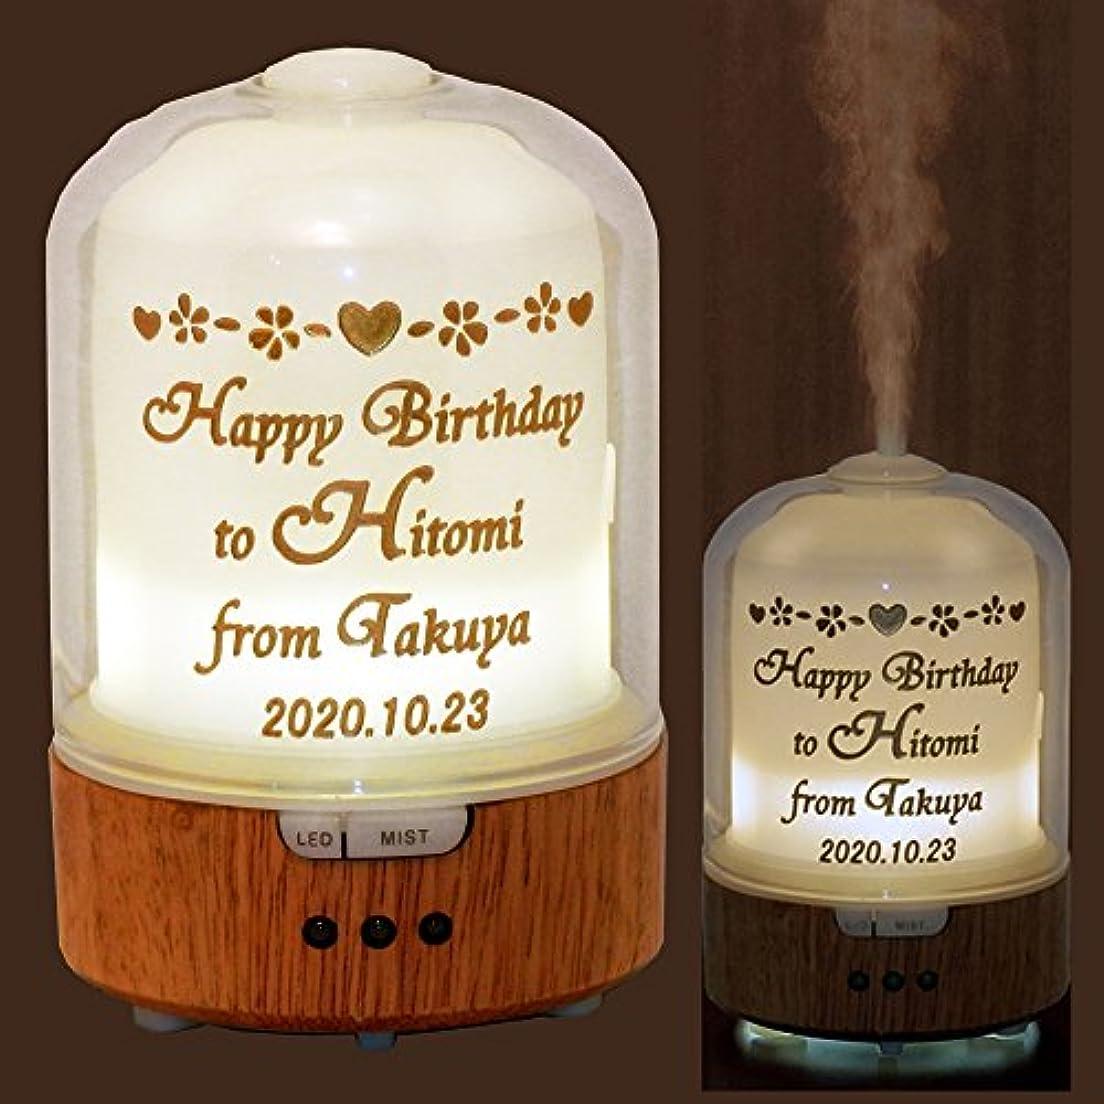 キュービックスロー仕える名入れ 名前 アロマディフューザー 加湿器 超音波式 還暦 誕生日 母の日 女性プレゼント